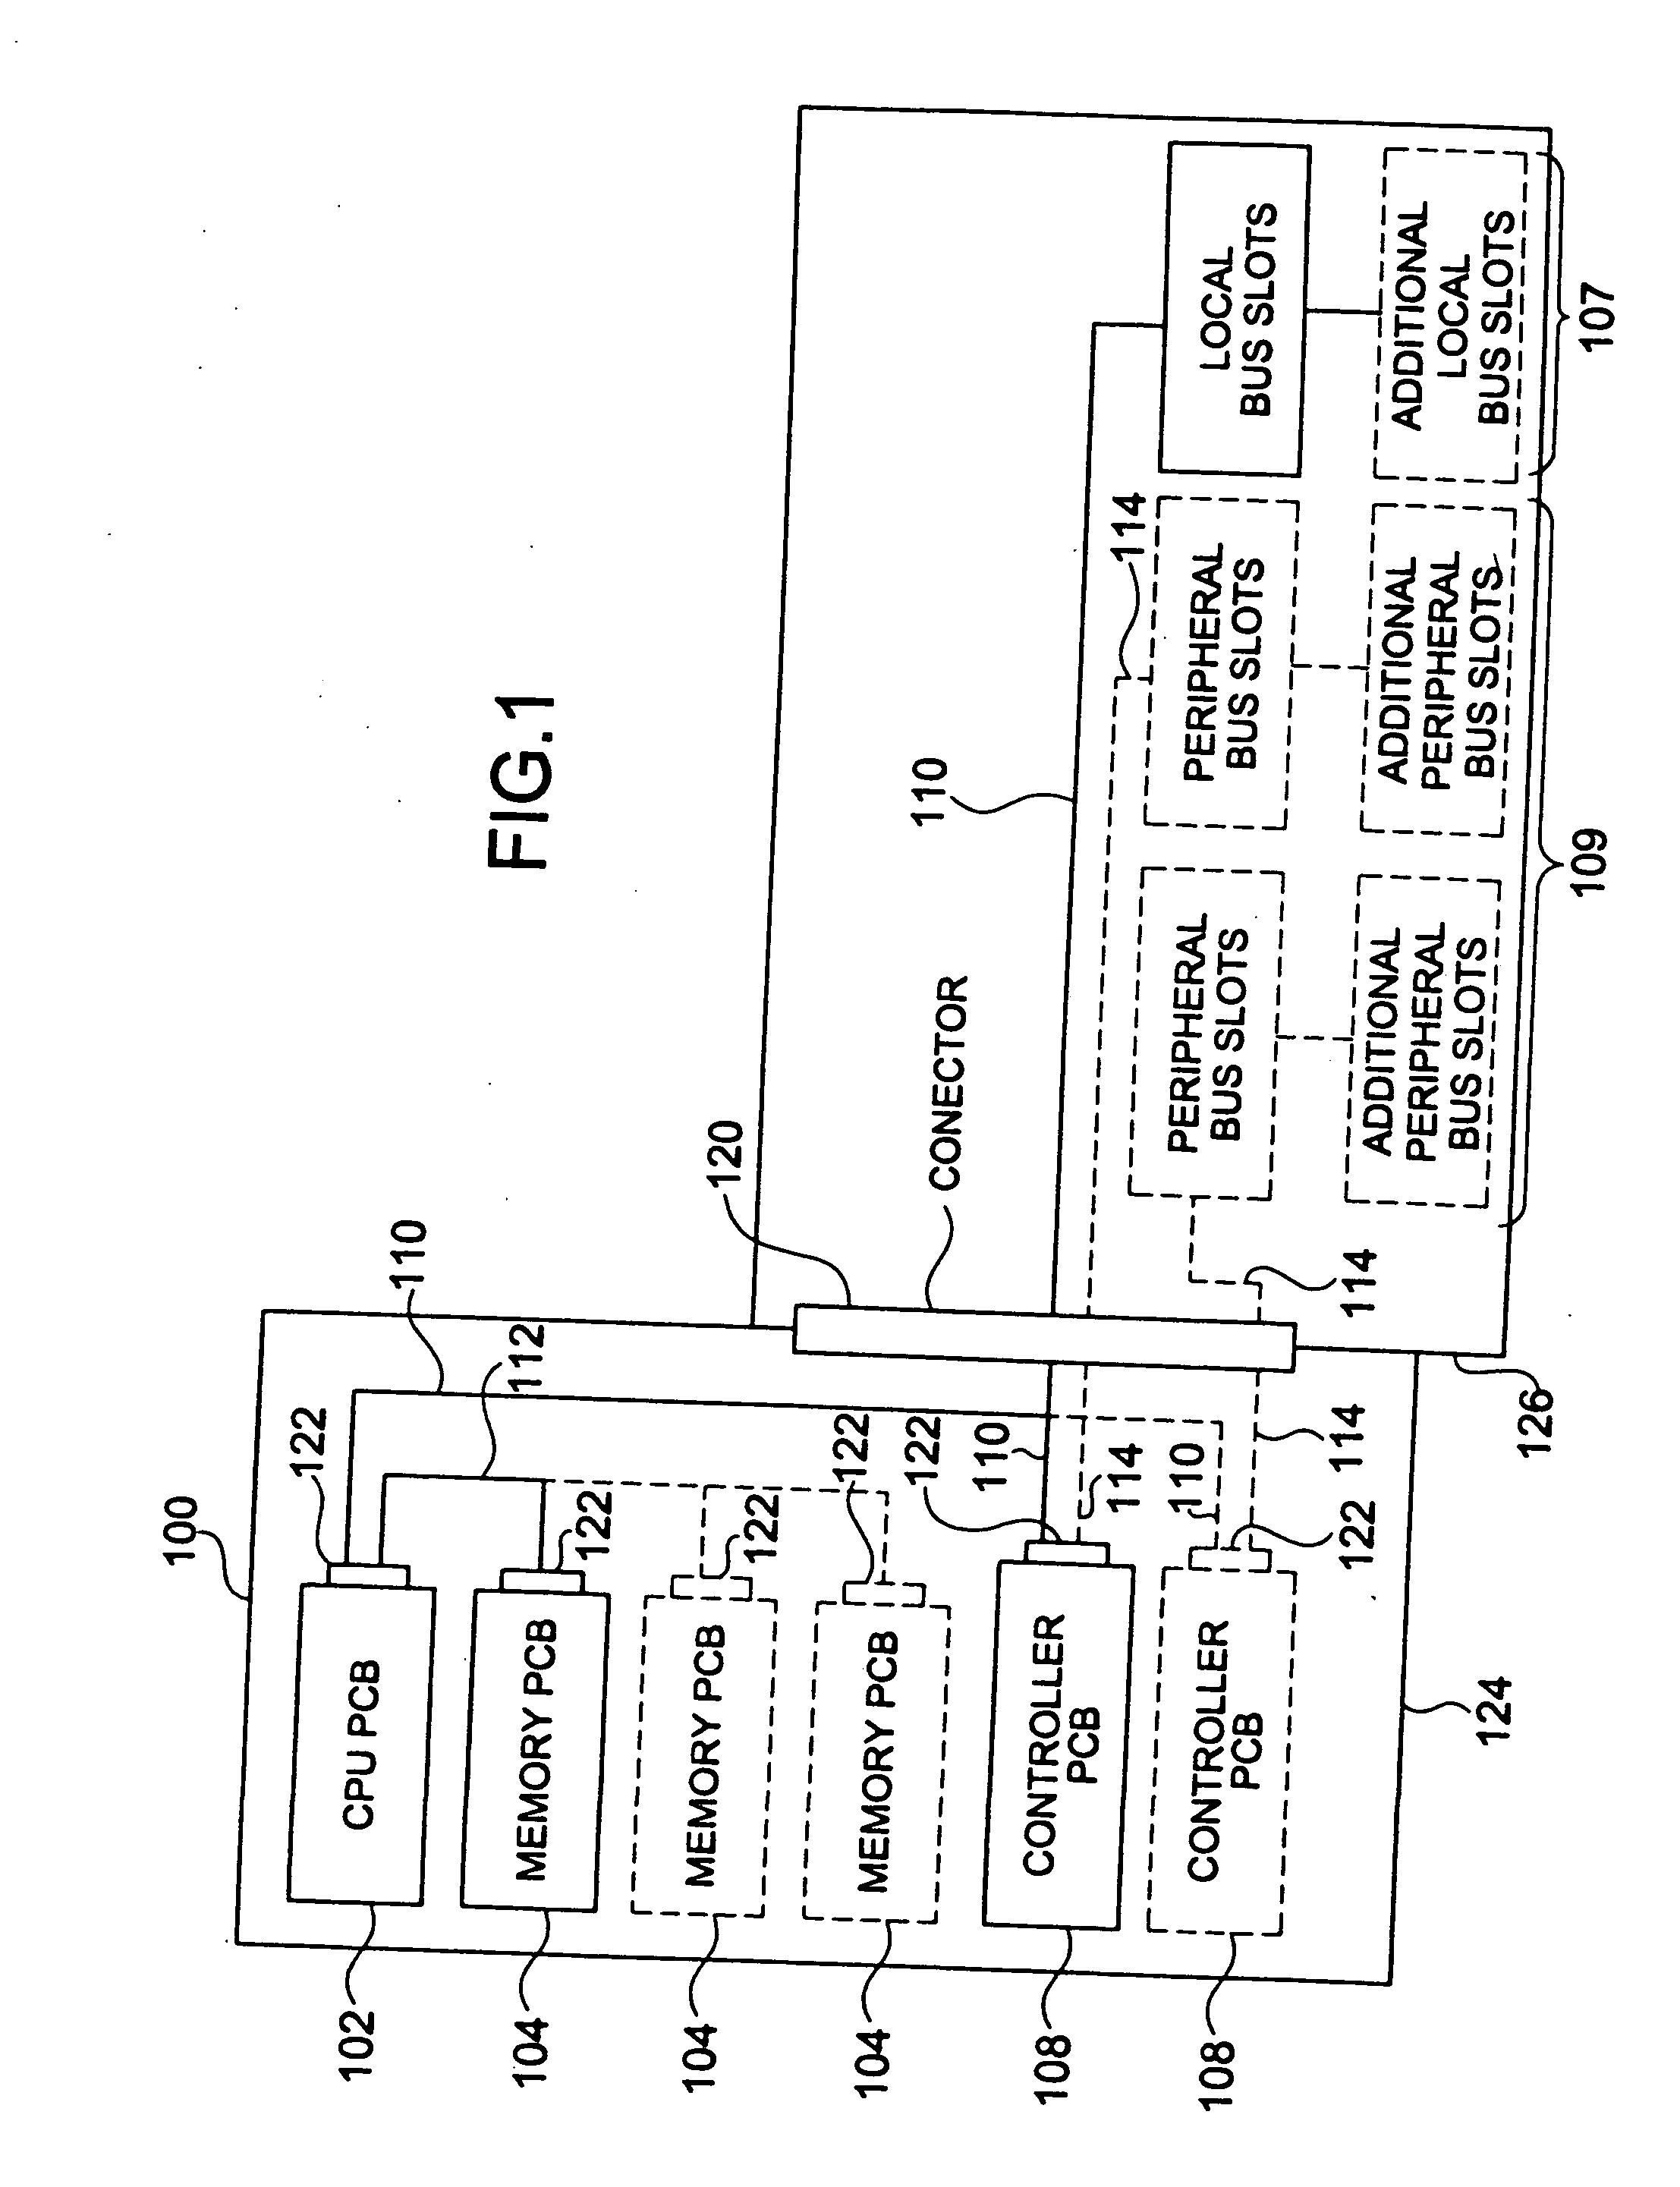 patent us20060282593